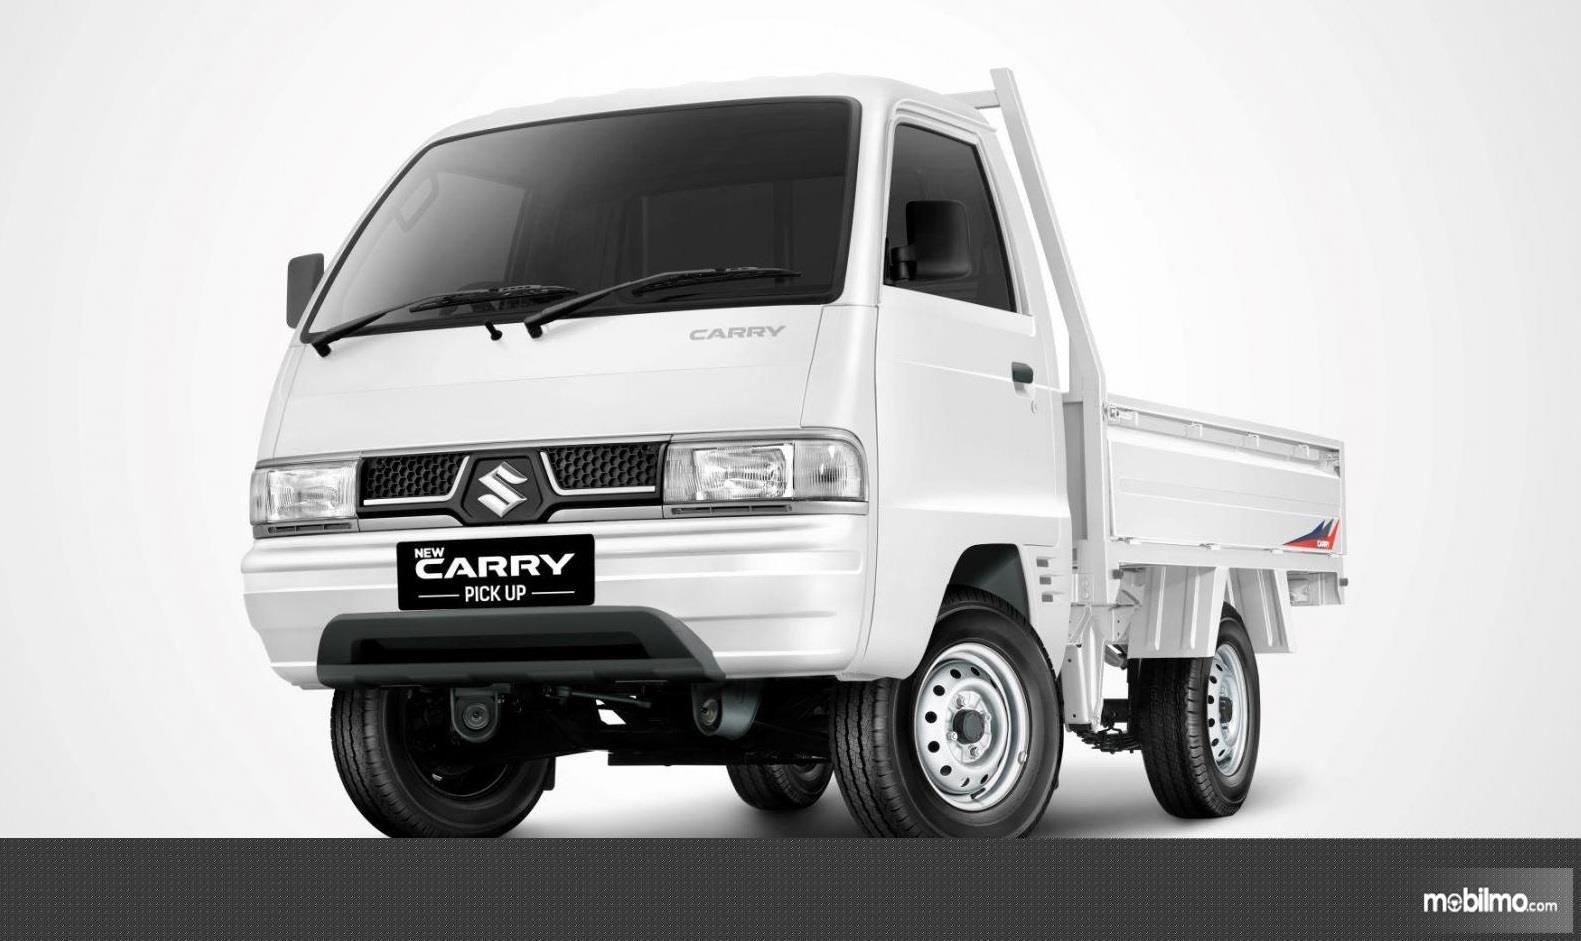 Foto Suzuki Carry Pick Up tampak dari samping depan